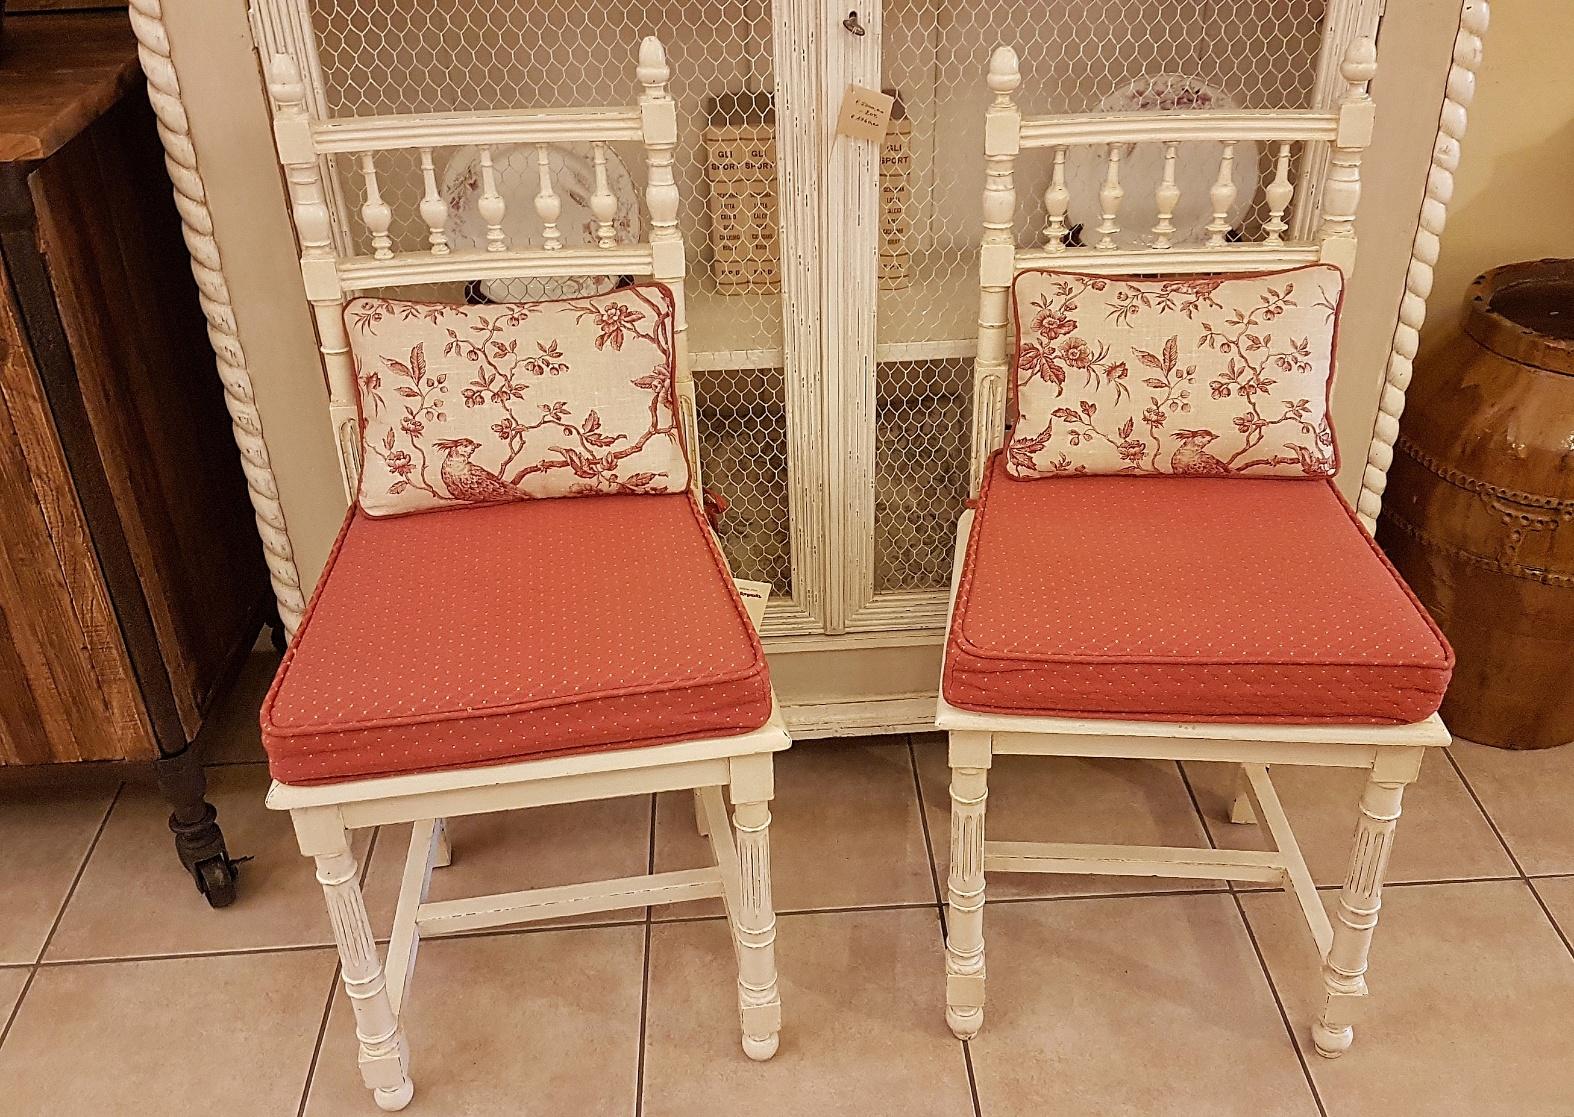 Sedie In Legno Laccate Bianco.Arredamento Contemporaneo Mobili Country Su Misura Siena Firenze